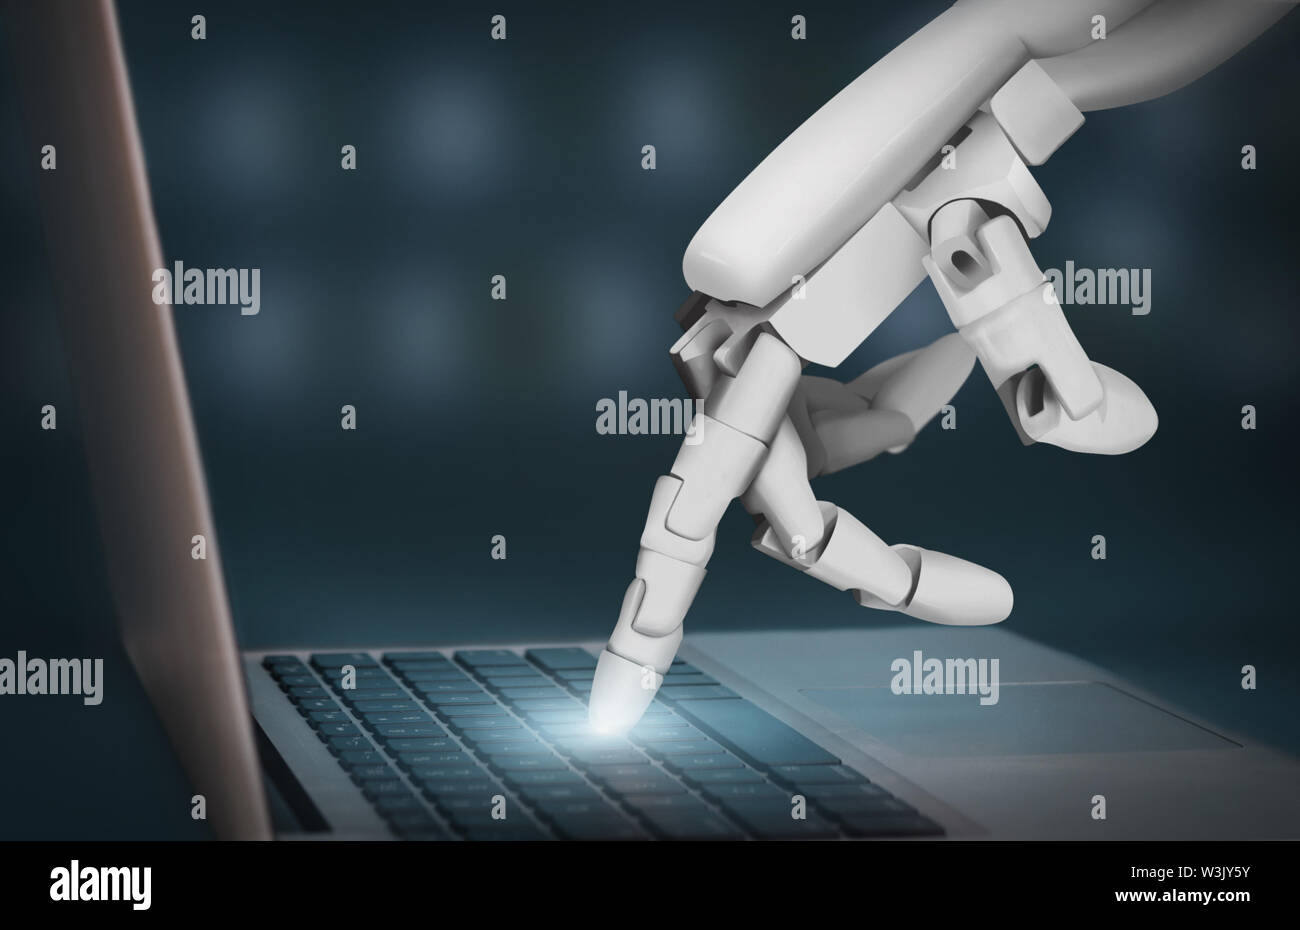 Robot futurista mano escribiendo en el teclado portátil Foto de stock